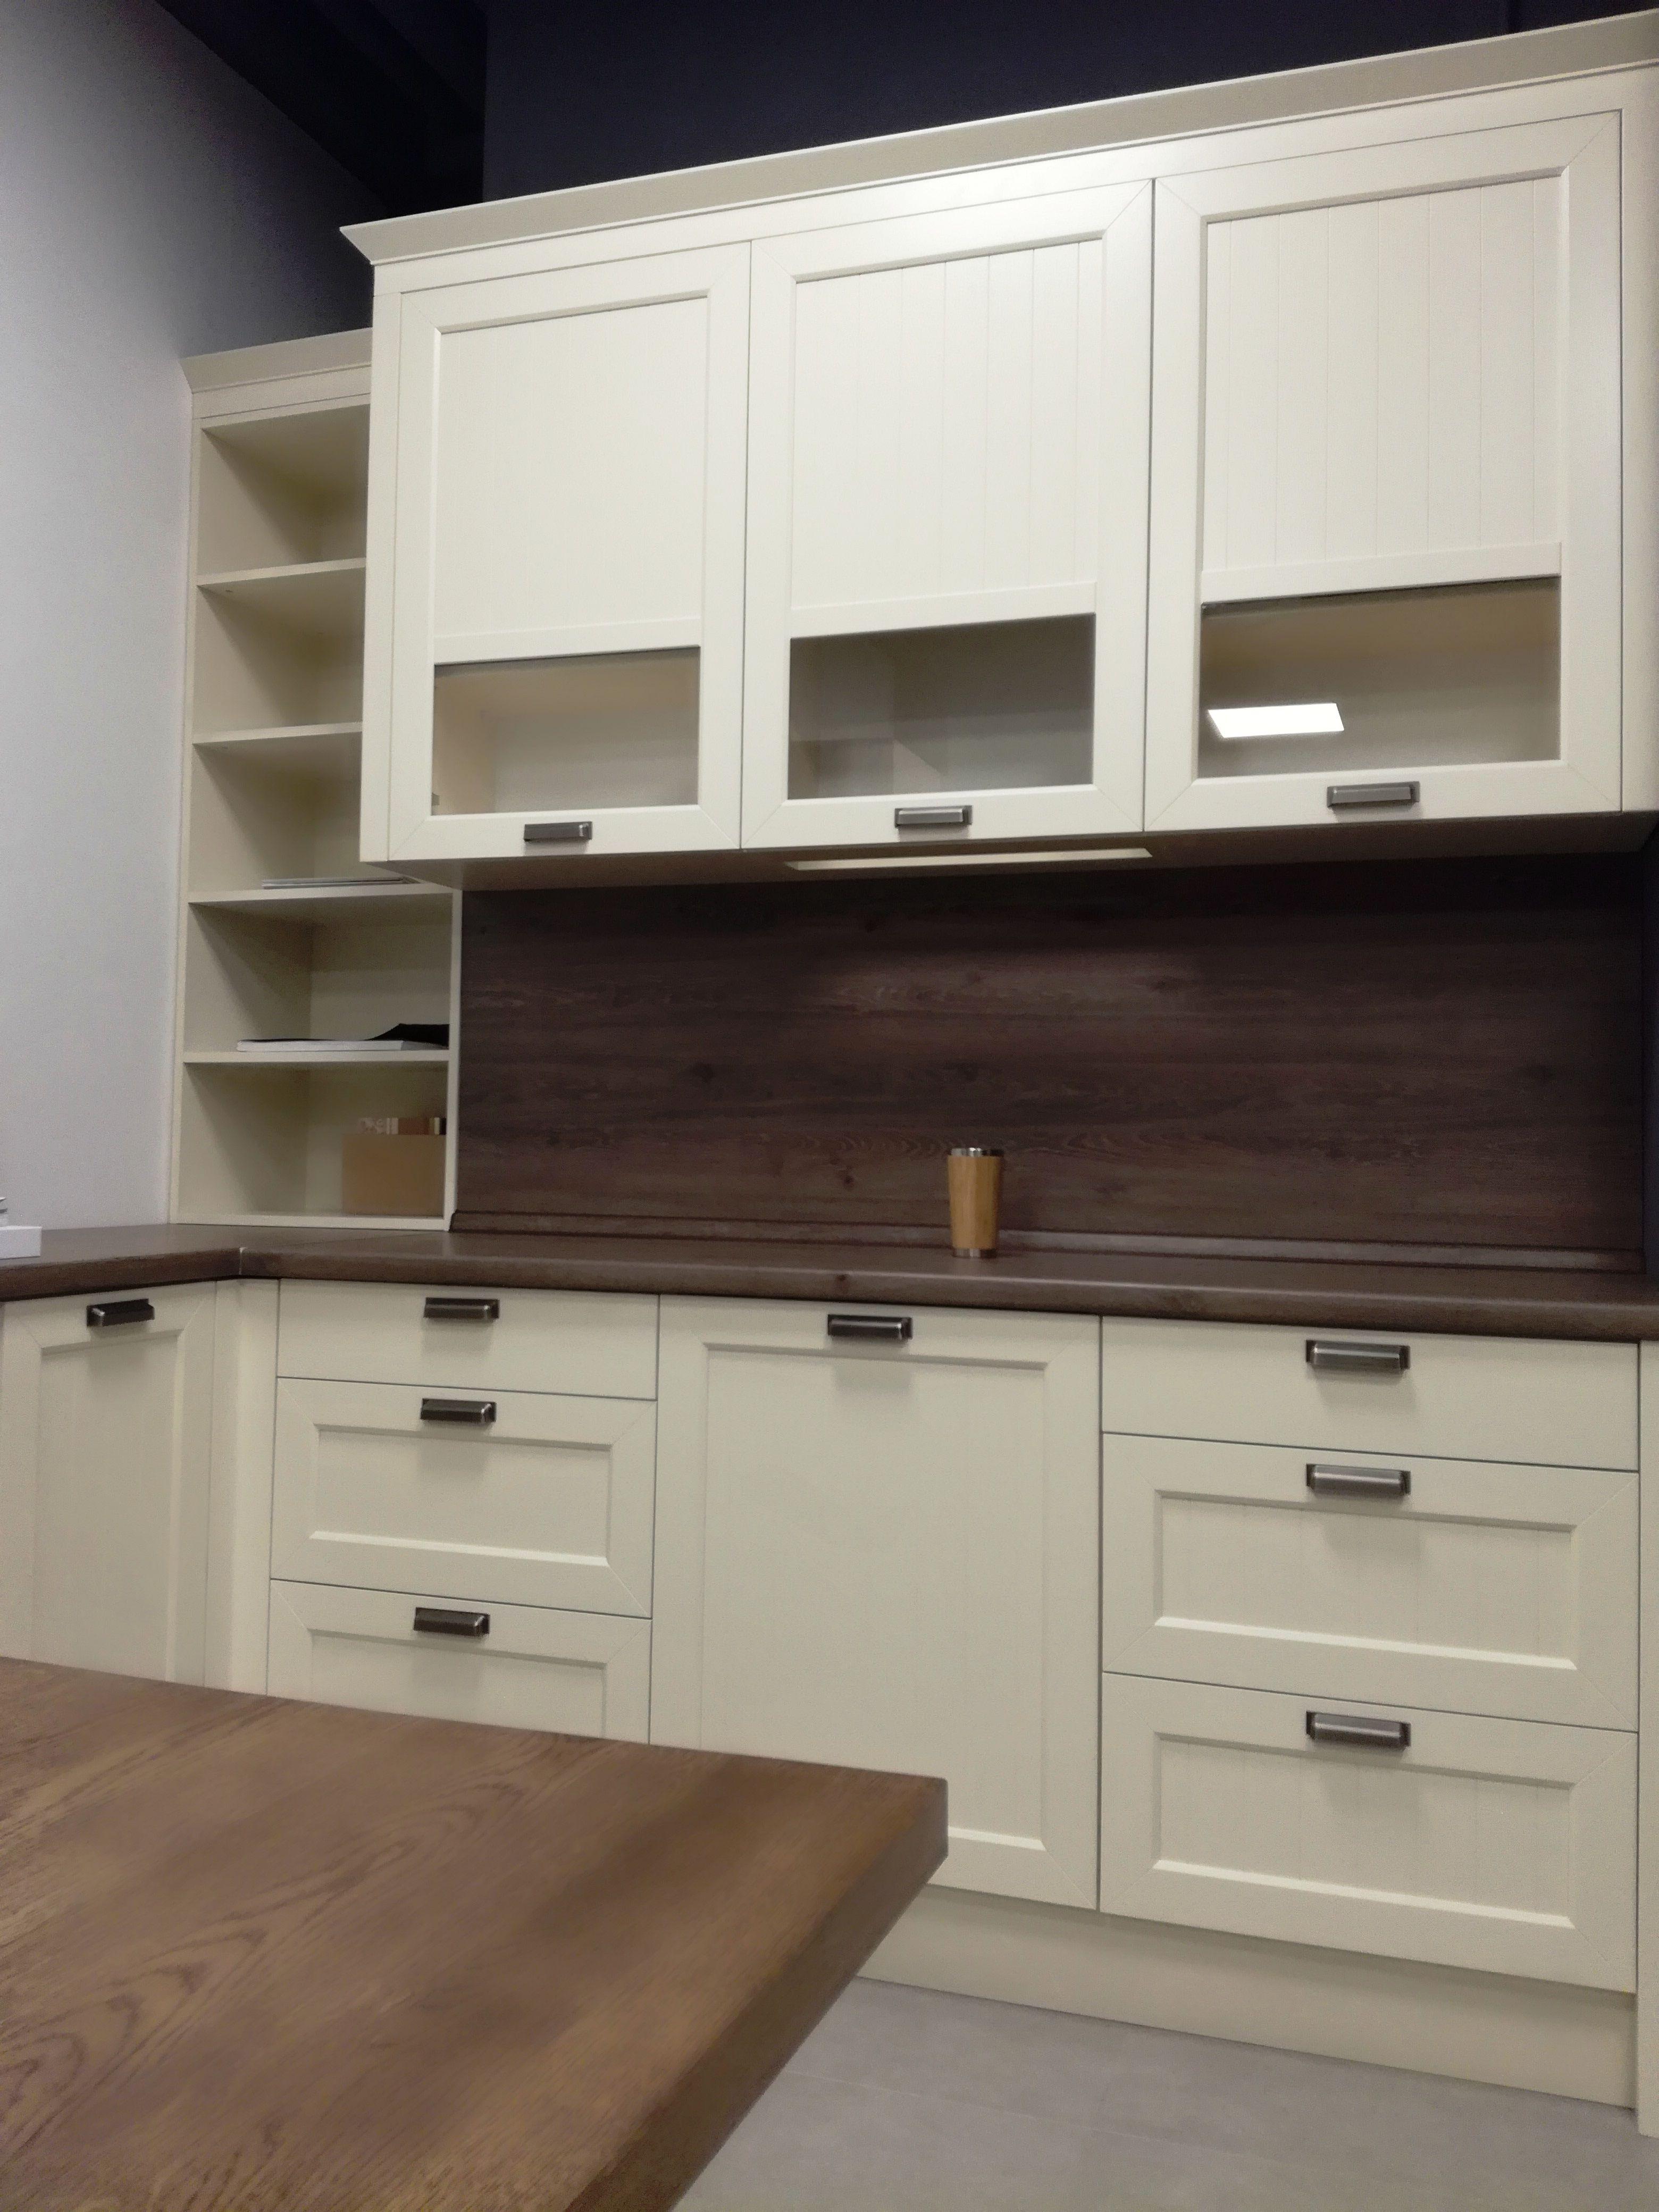 Salon Zov Kuchnie Poznan Kitchen Kitchen Cabinets Decor